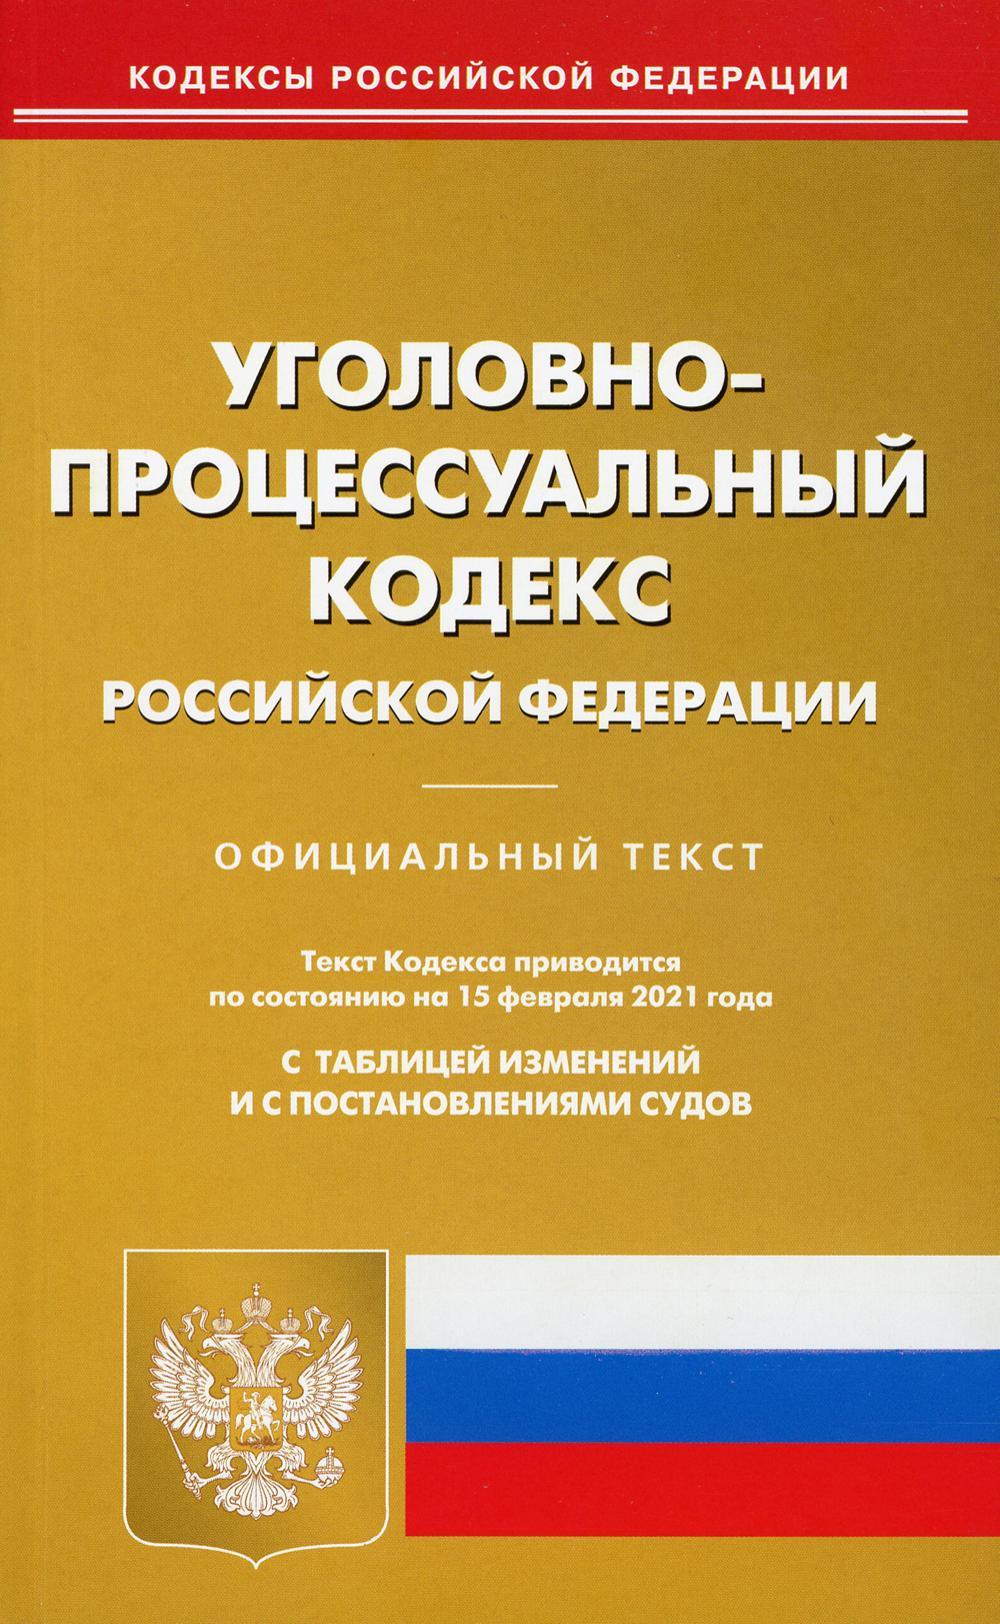 Уголовно-процессуальный кодекс РФ на 15.02.2021